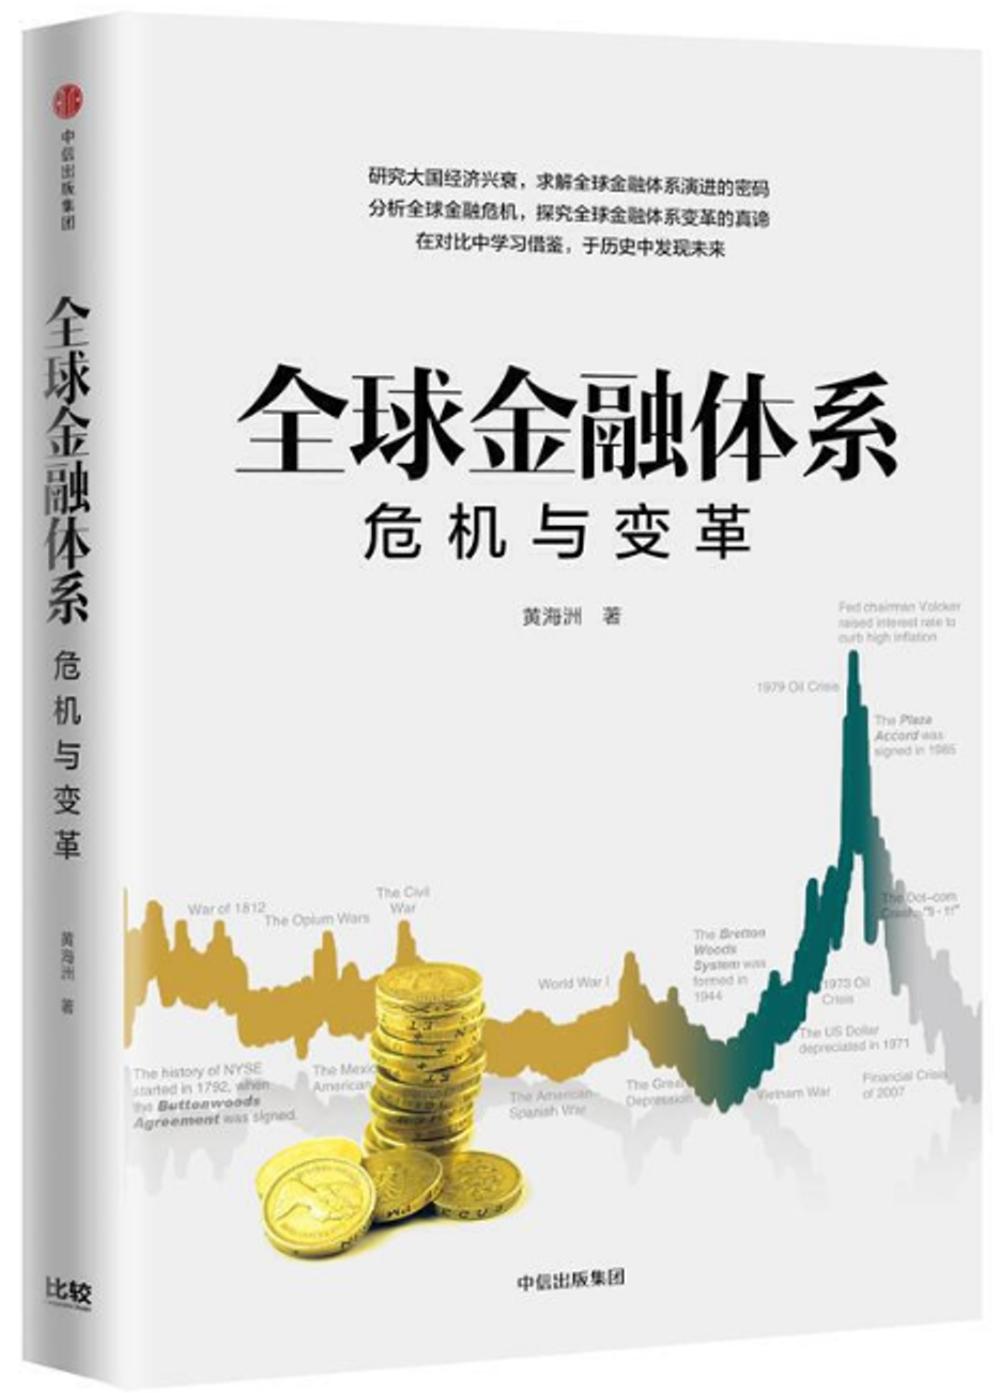 全球金融體系:危機與變革